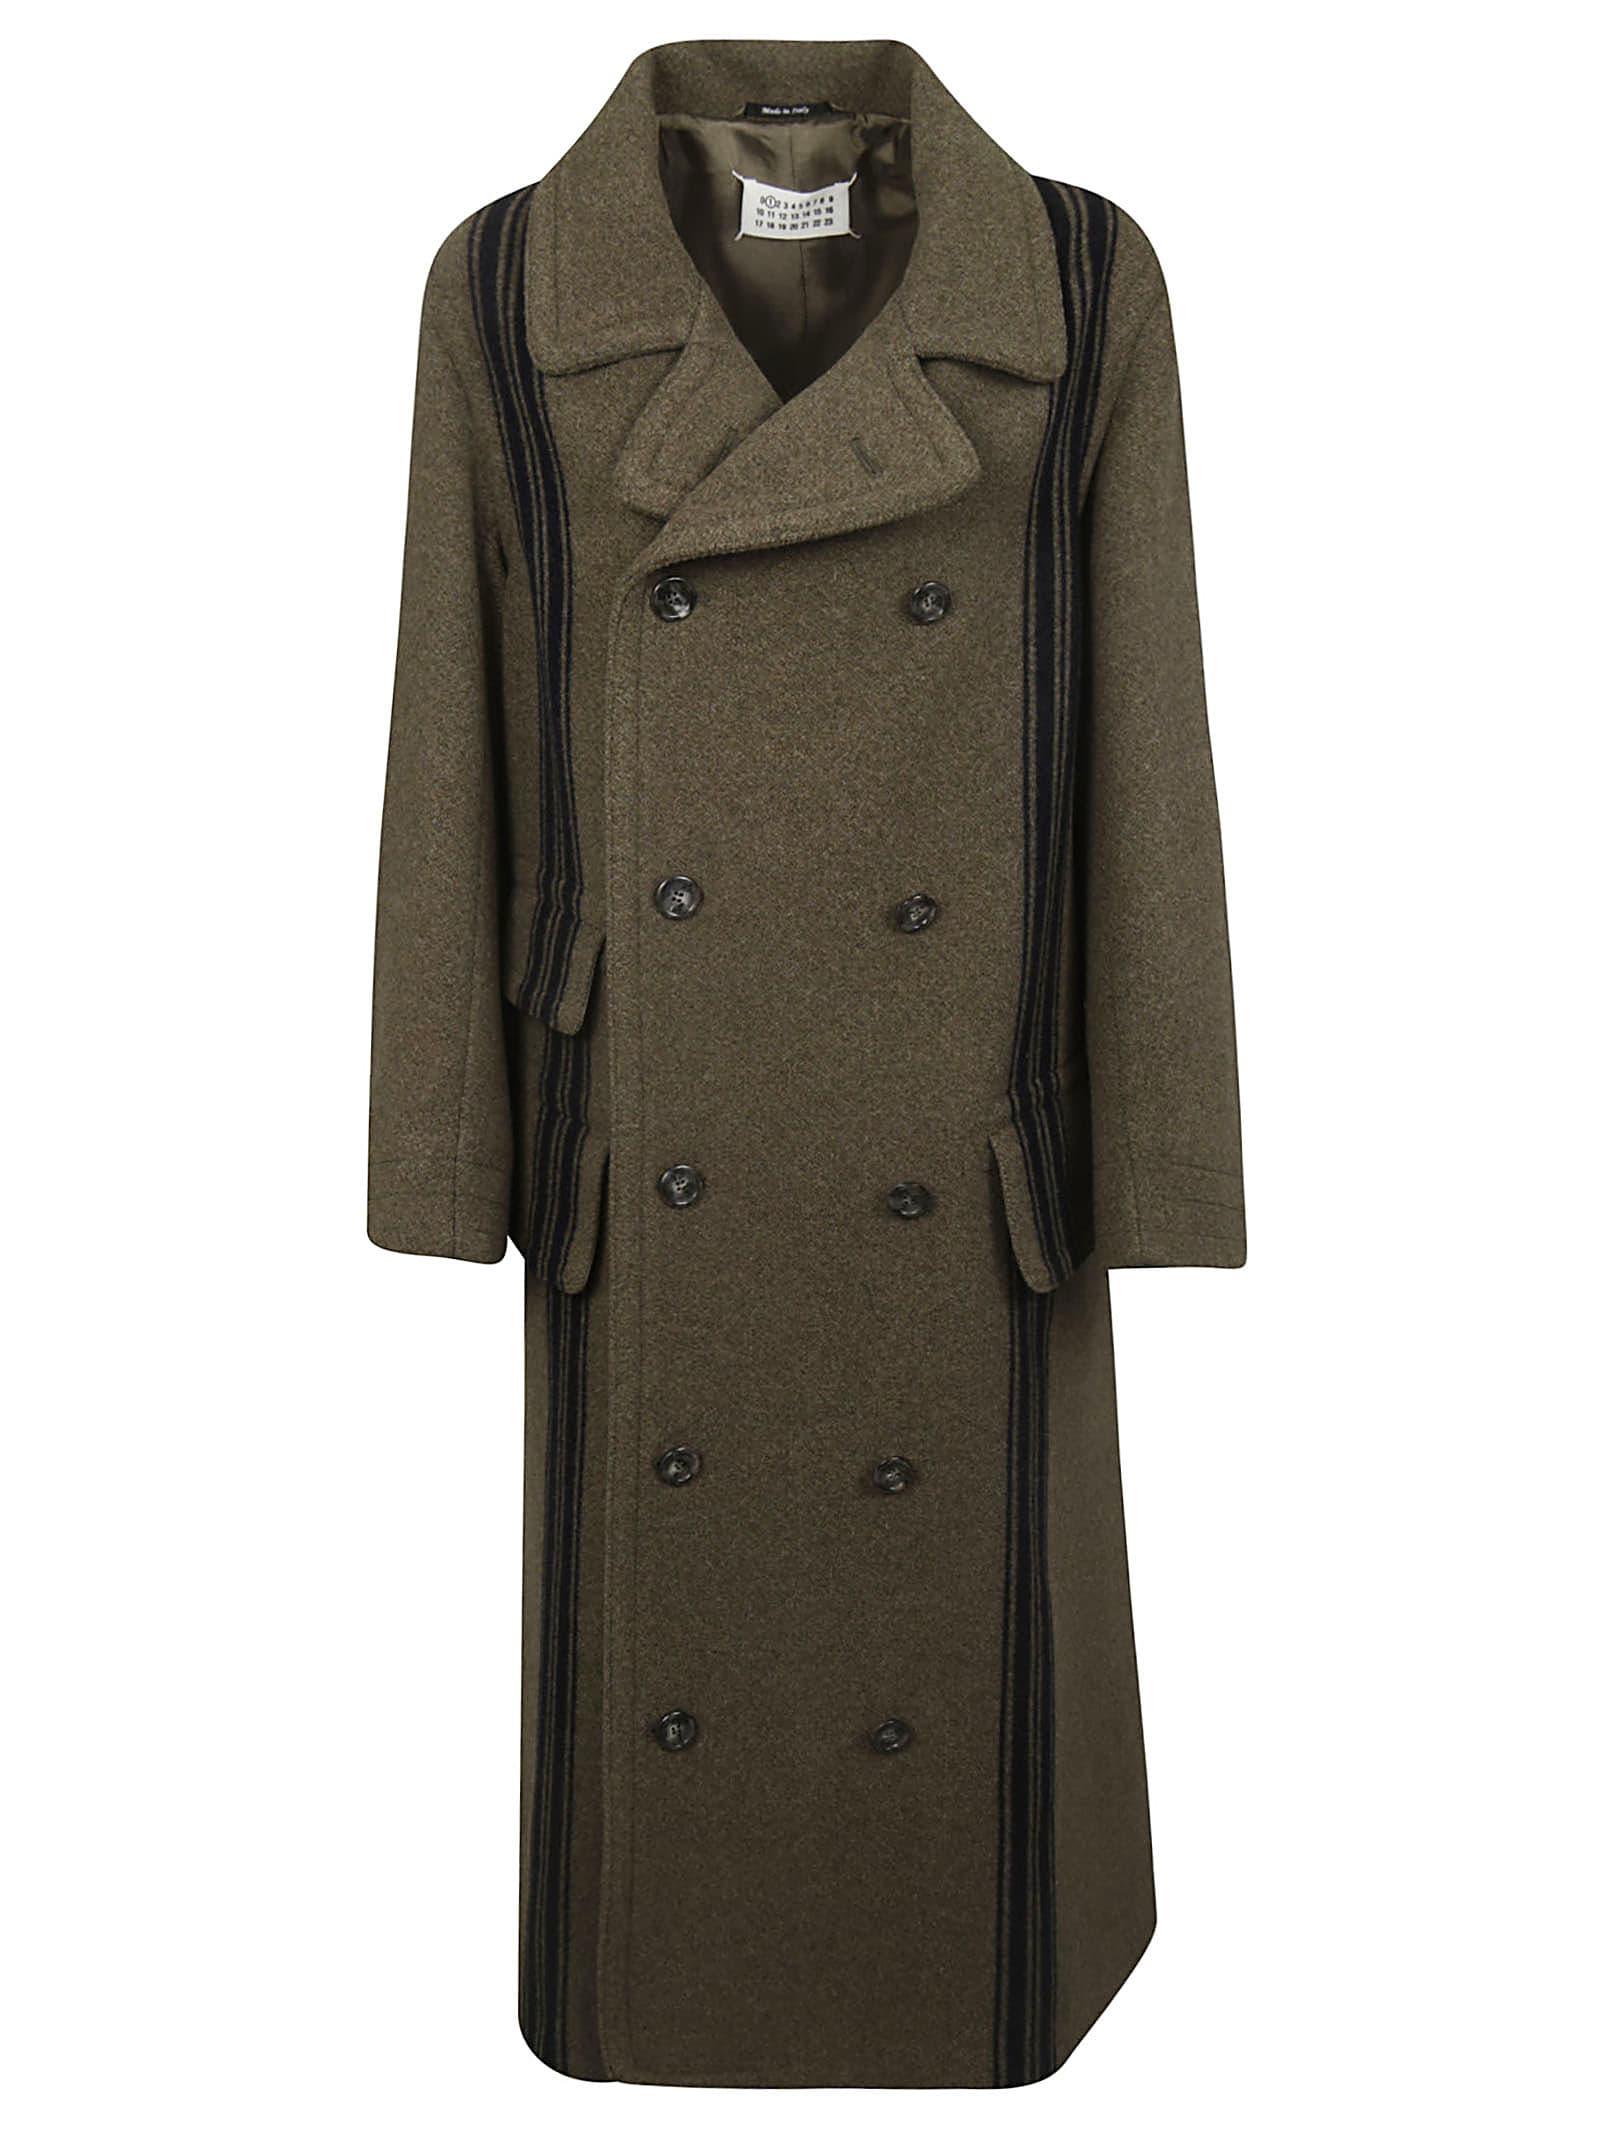 Maison Margiela Double-breasted Military Coat